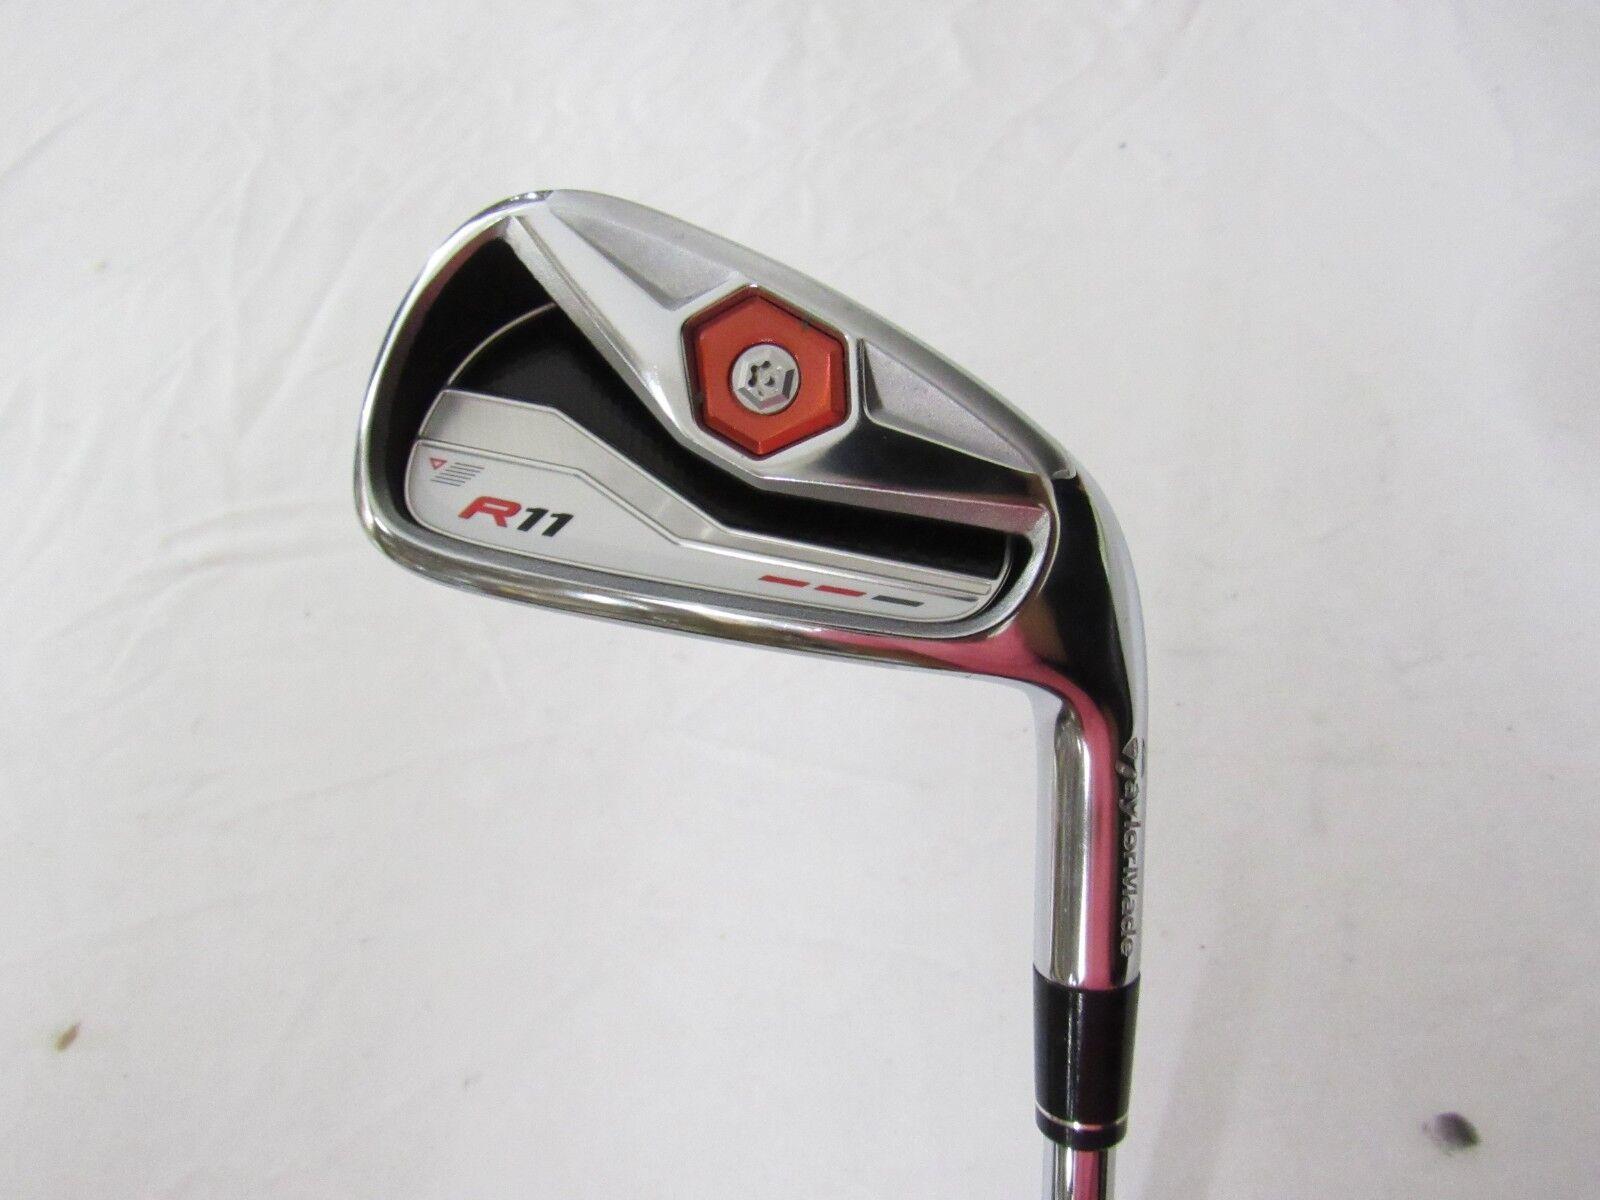 Usado RH Taylormade R11  solo 6 hierro KBS 90 Acero Regular Flex R-flex  mas preferencial